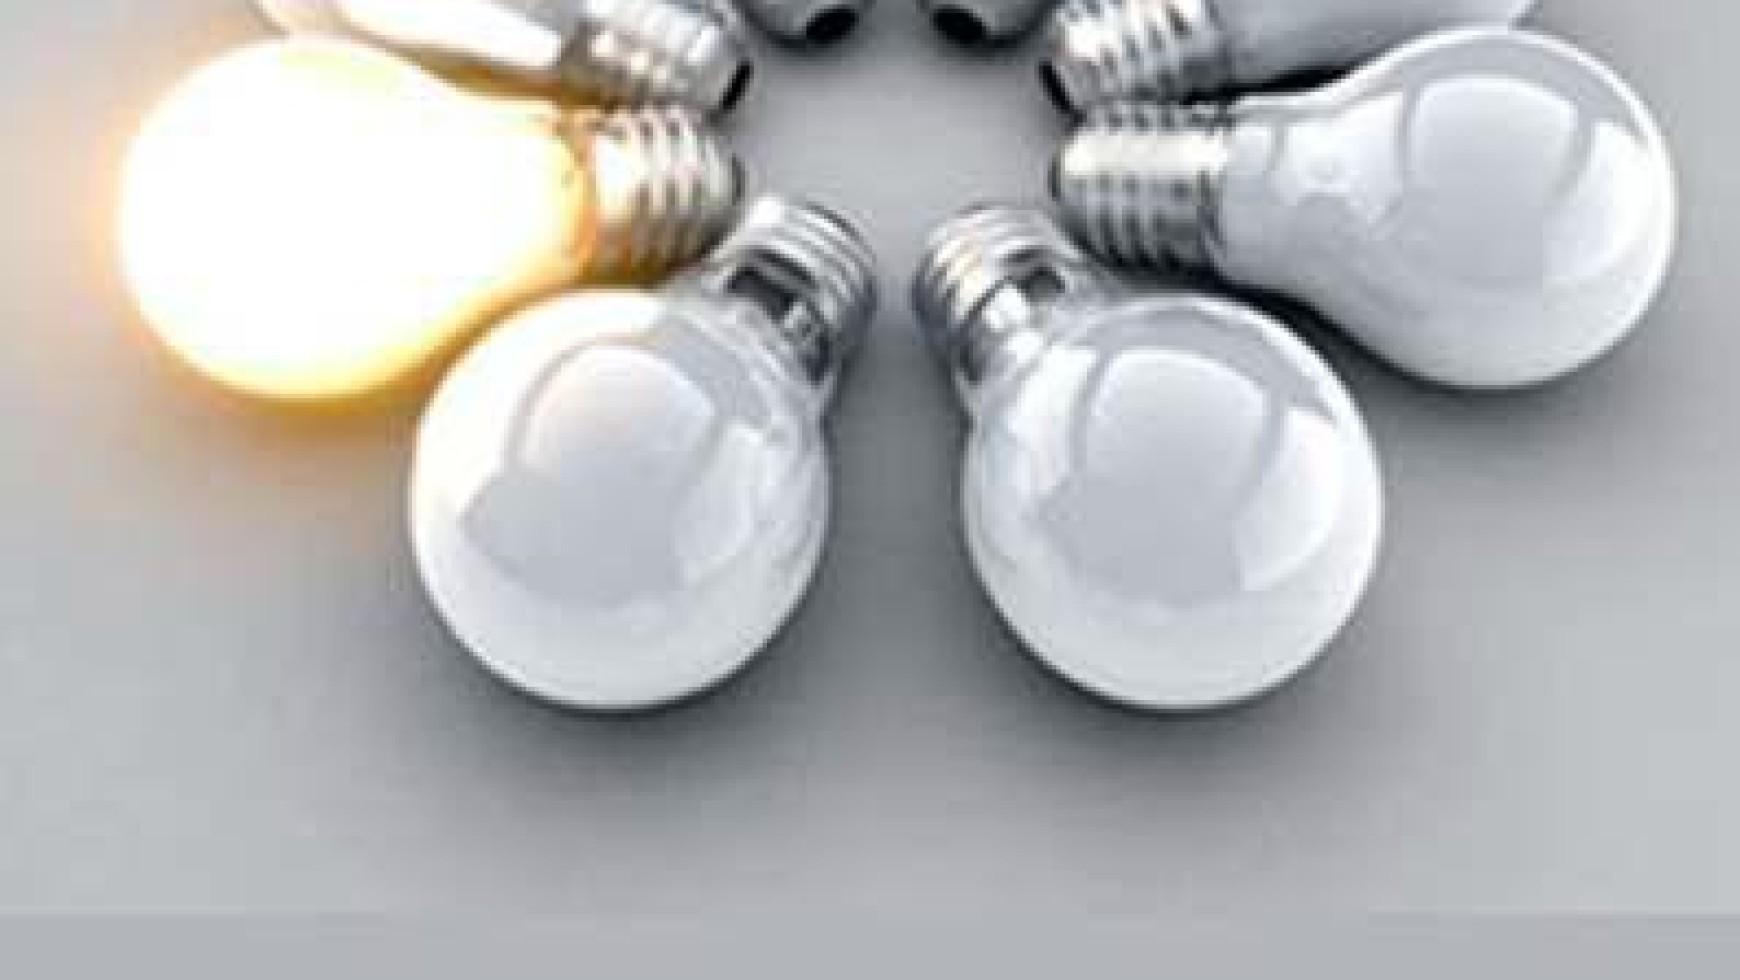 Boletin: Elogio de la bondad (11/11/2012)